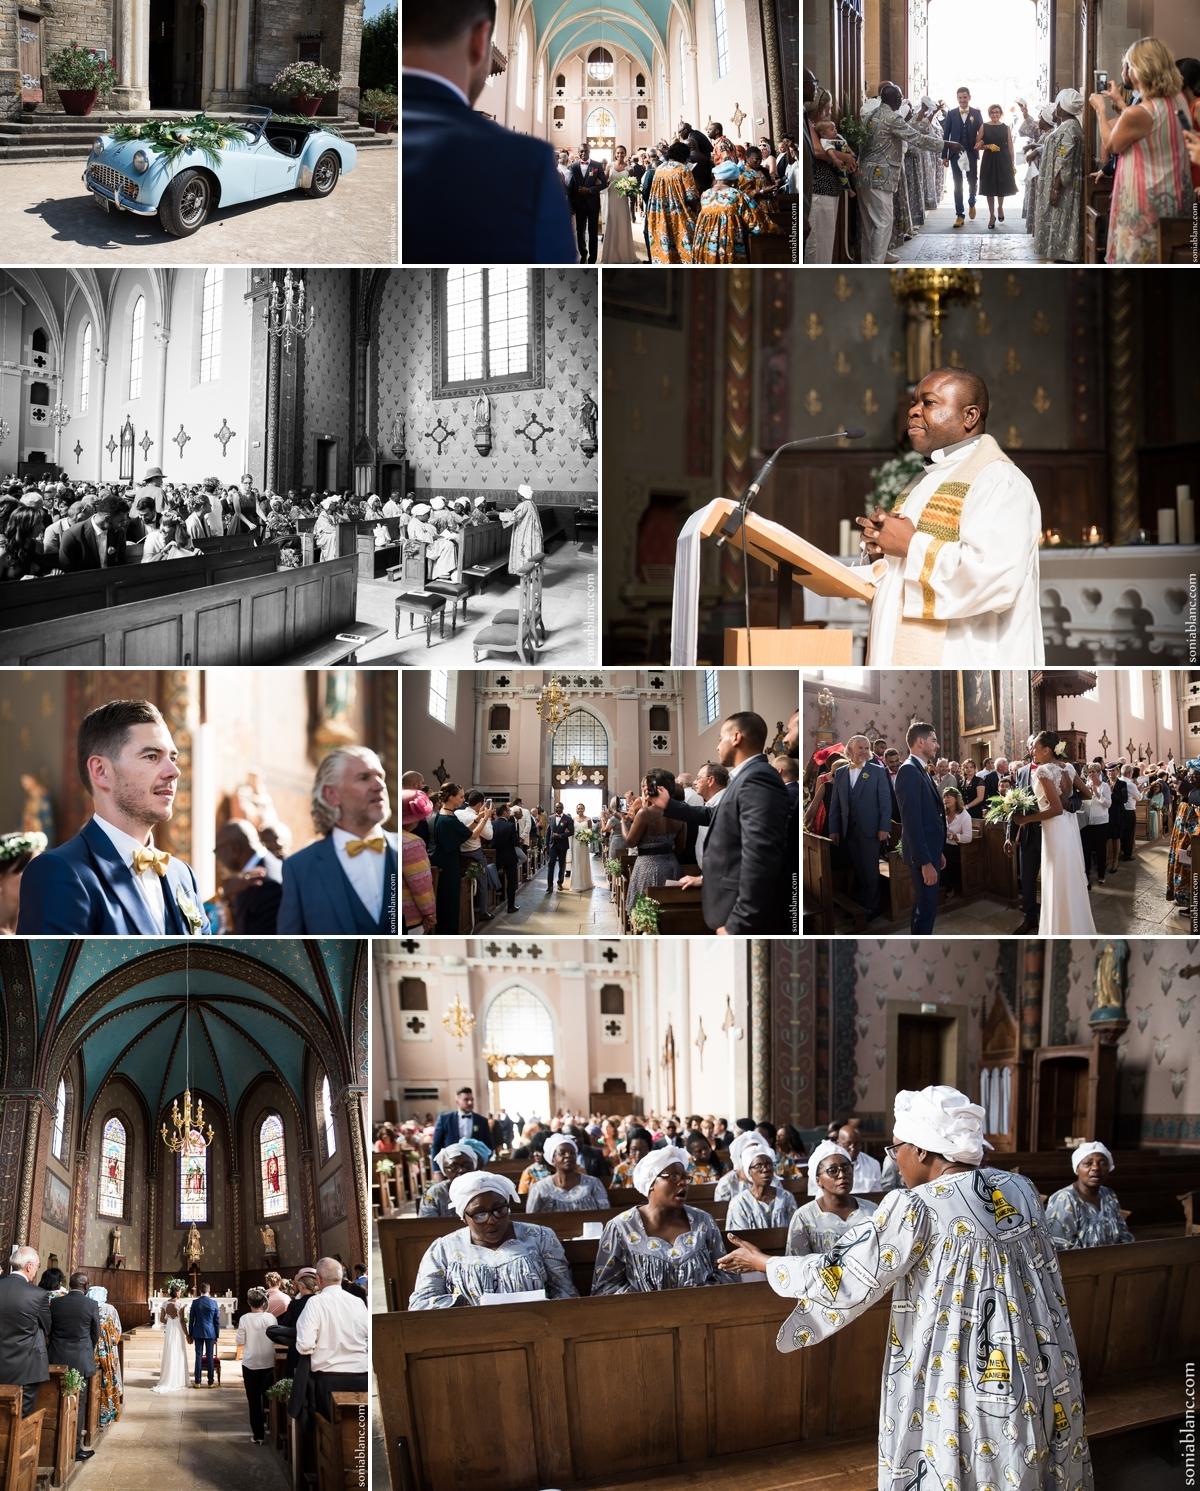 7. mariage à l'église - chevigny-saint-sauveur - bourgogne